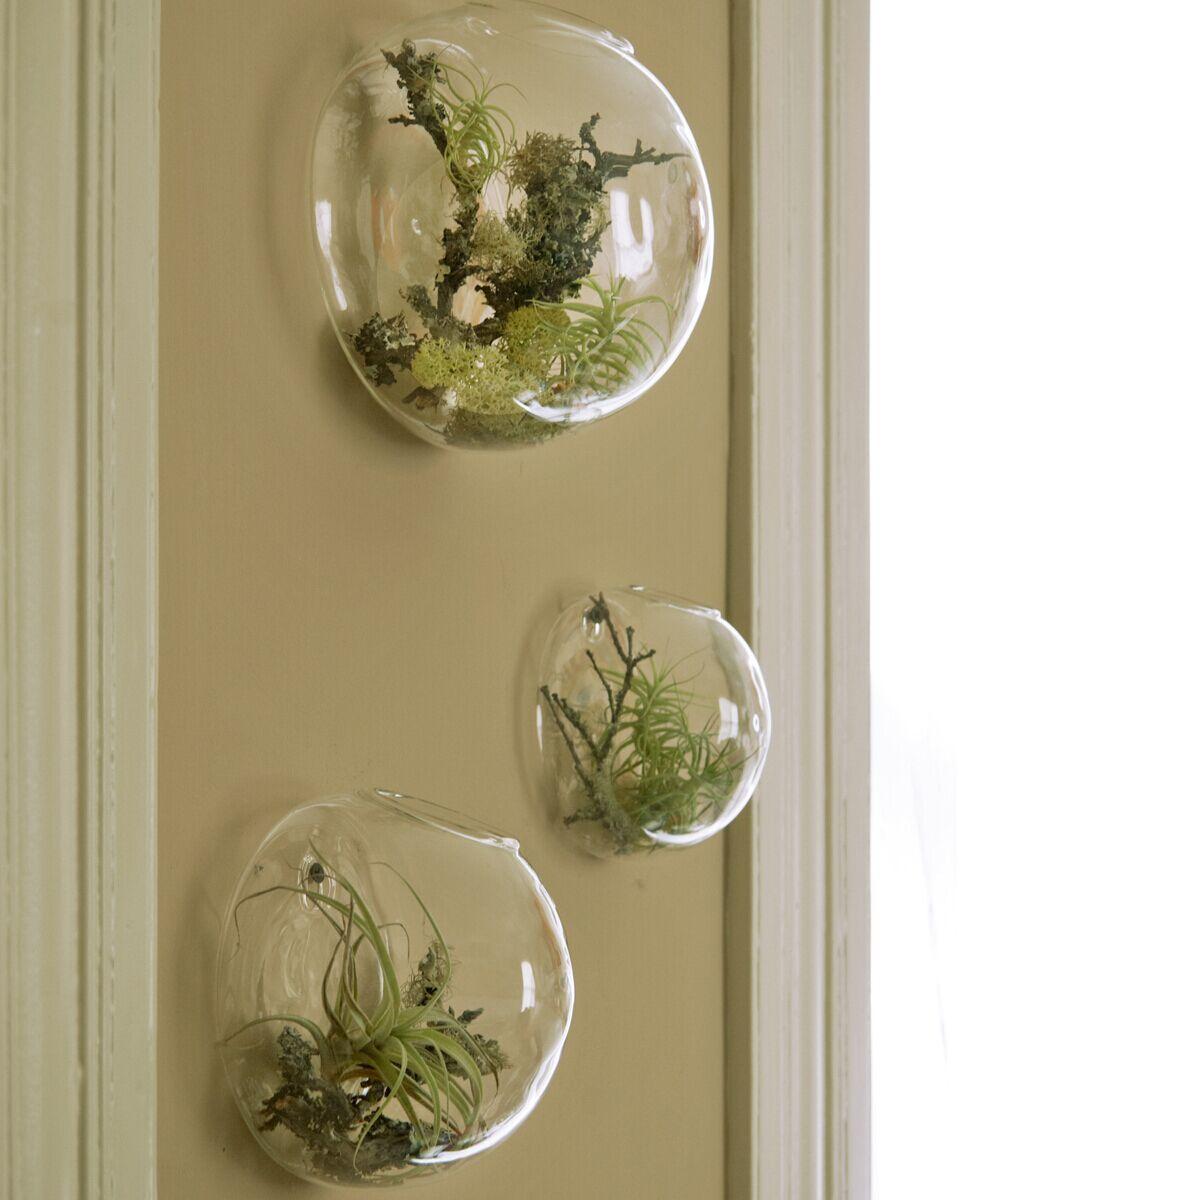 Terrario Per Piante Grasse acquista / set wall bubble terrari vaso da parete in vetro fiori / piante  da interno fioriera da parete piante grasse supporti piante daria home  decor